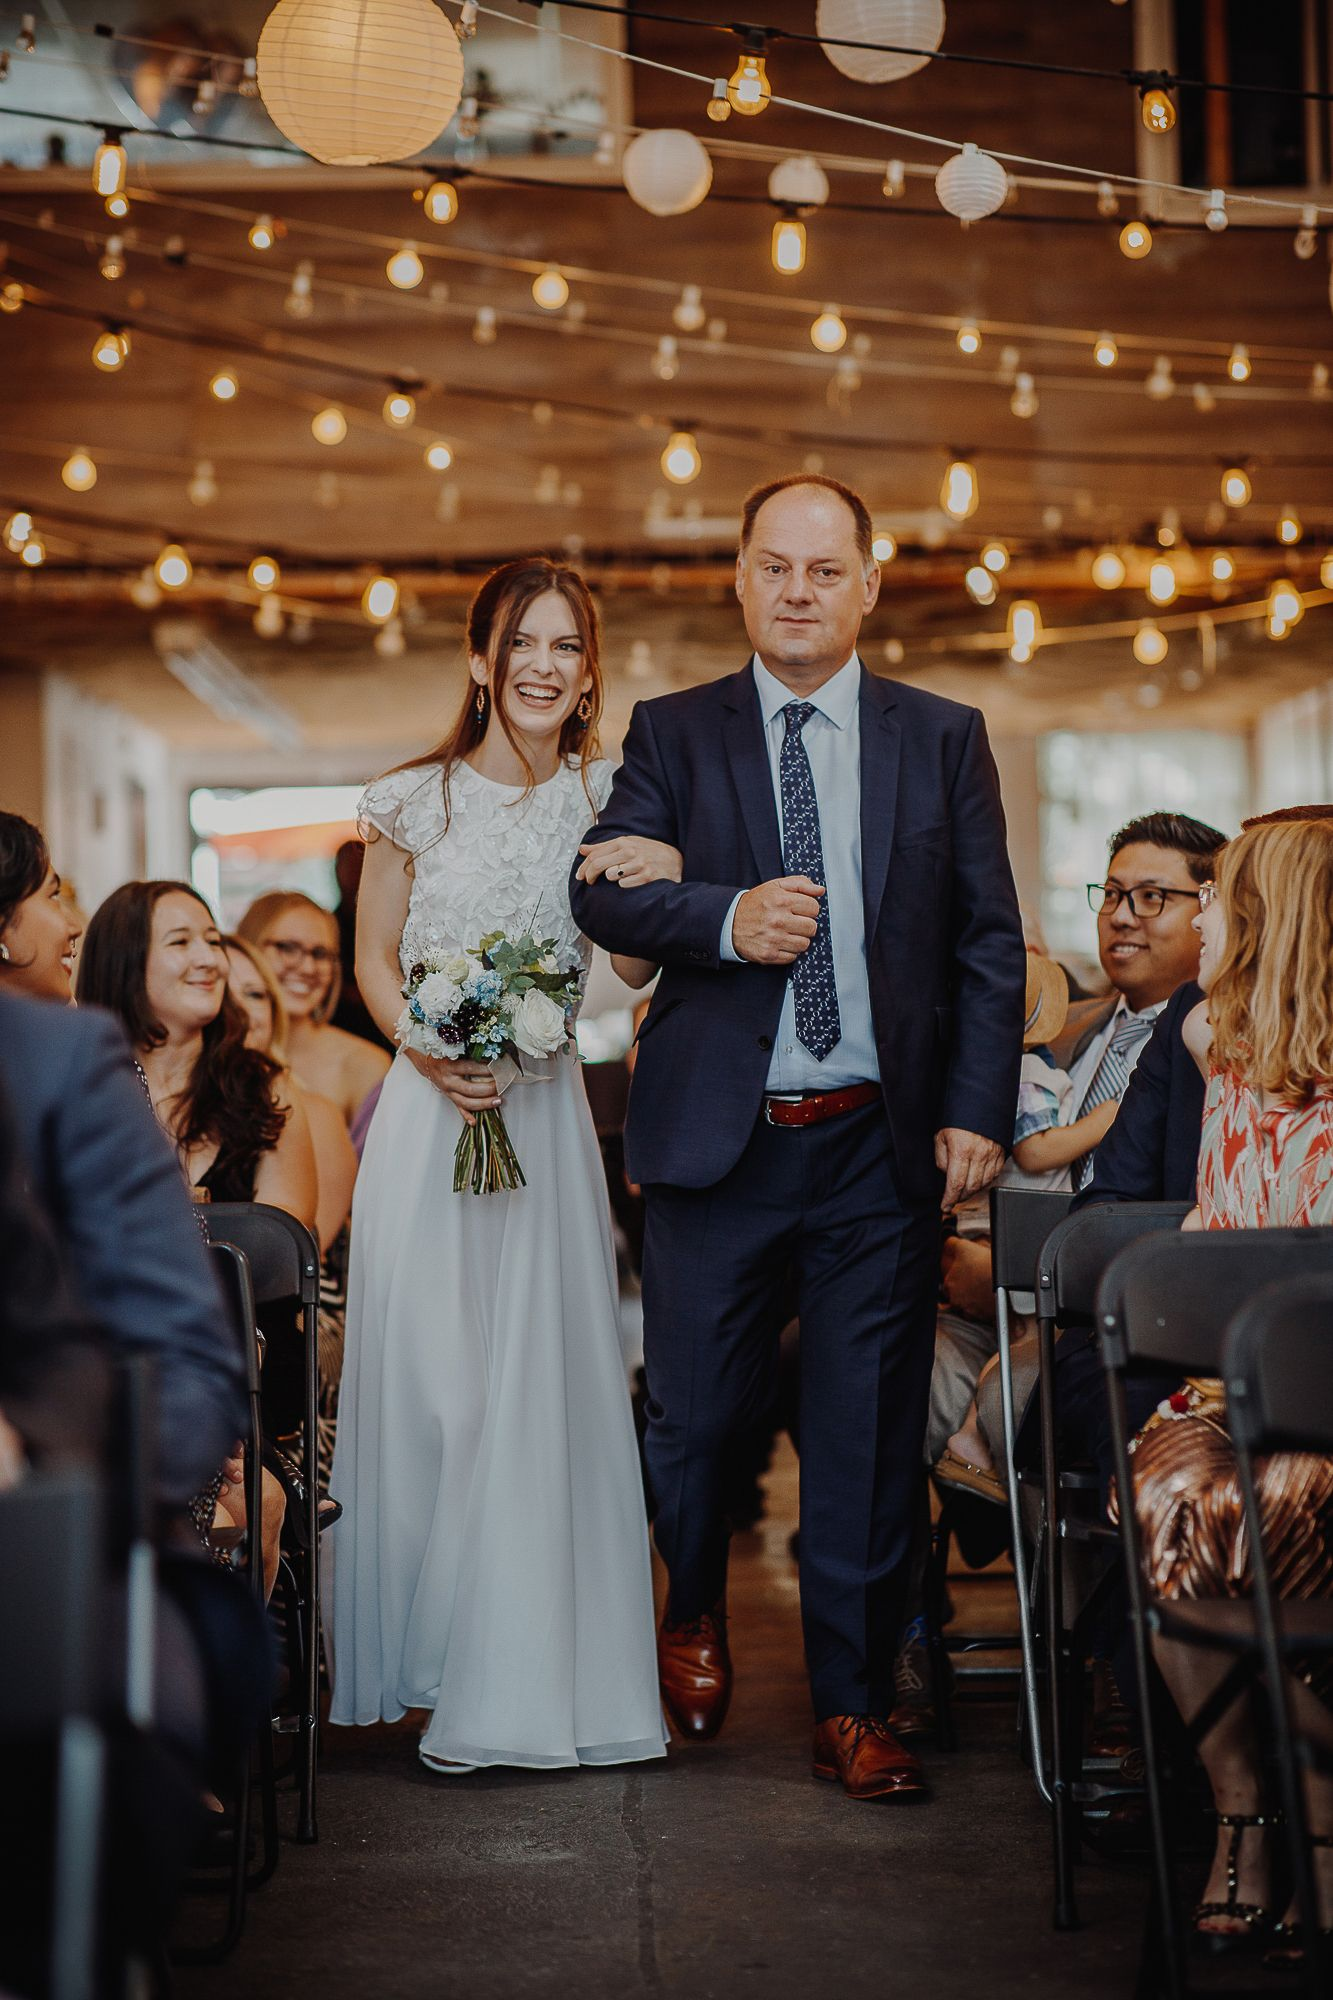 Bushwick Wedding at Bat Haus Hannah & Harris Brooklyn